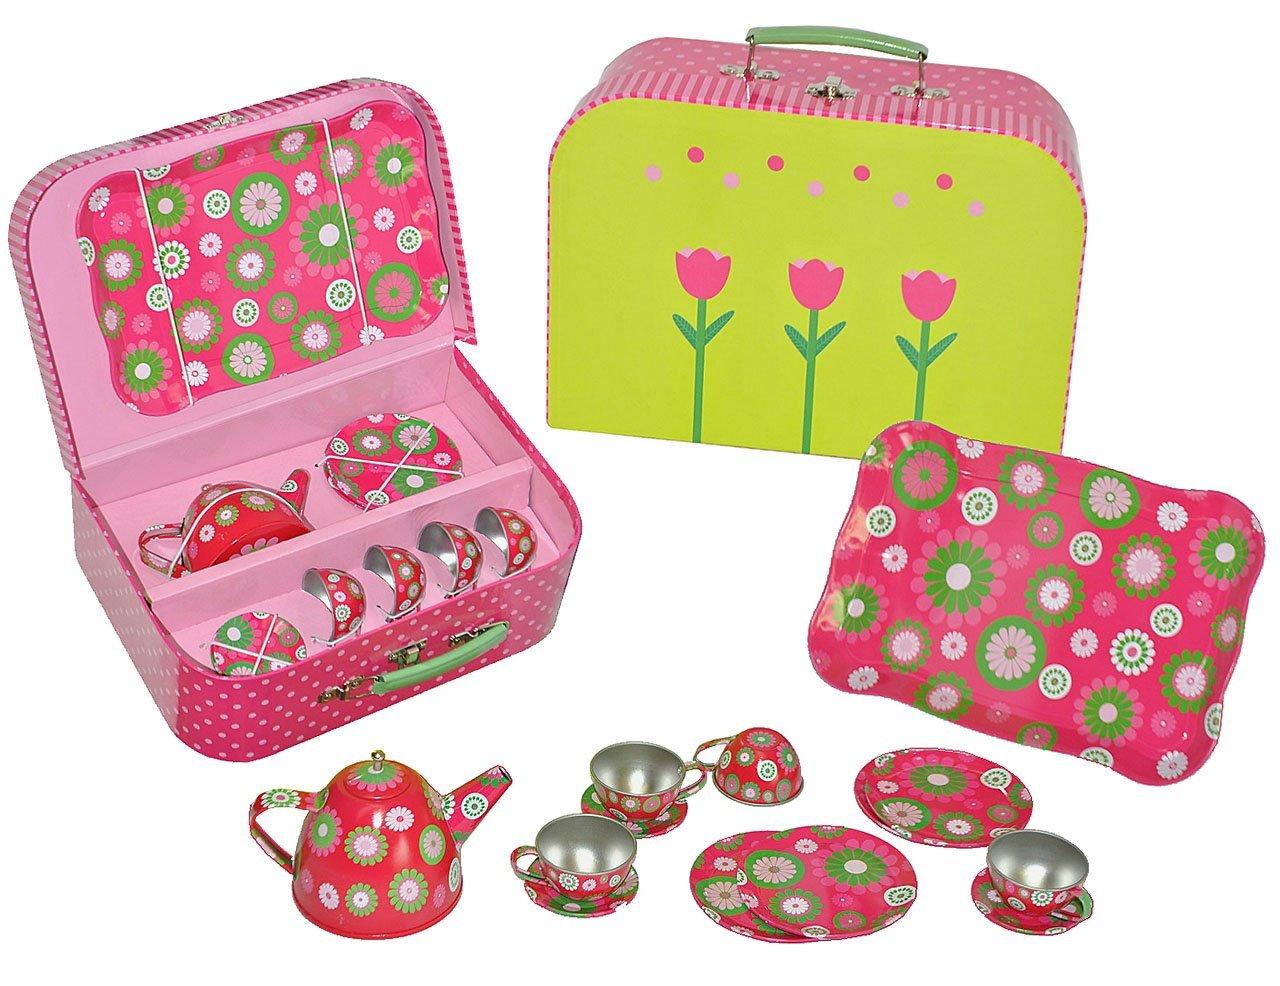 Set   Picknick Koffer Metall Geschirr   Spiel Küche Zubehör Koffer    Picknickkorb Für Kinder: Amazon.de: Spielzeug